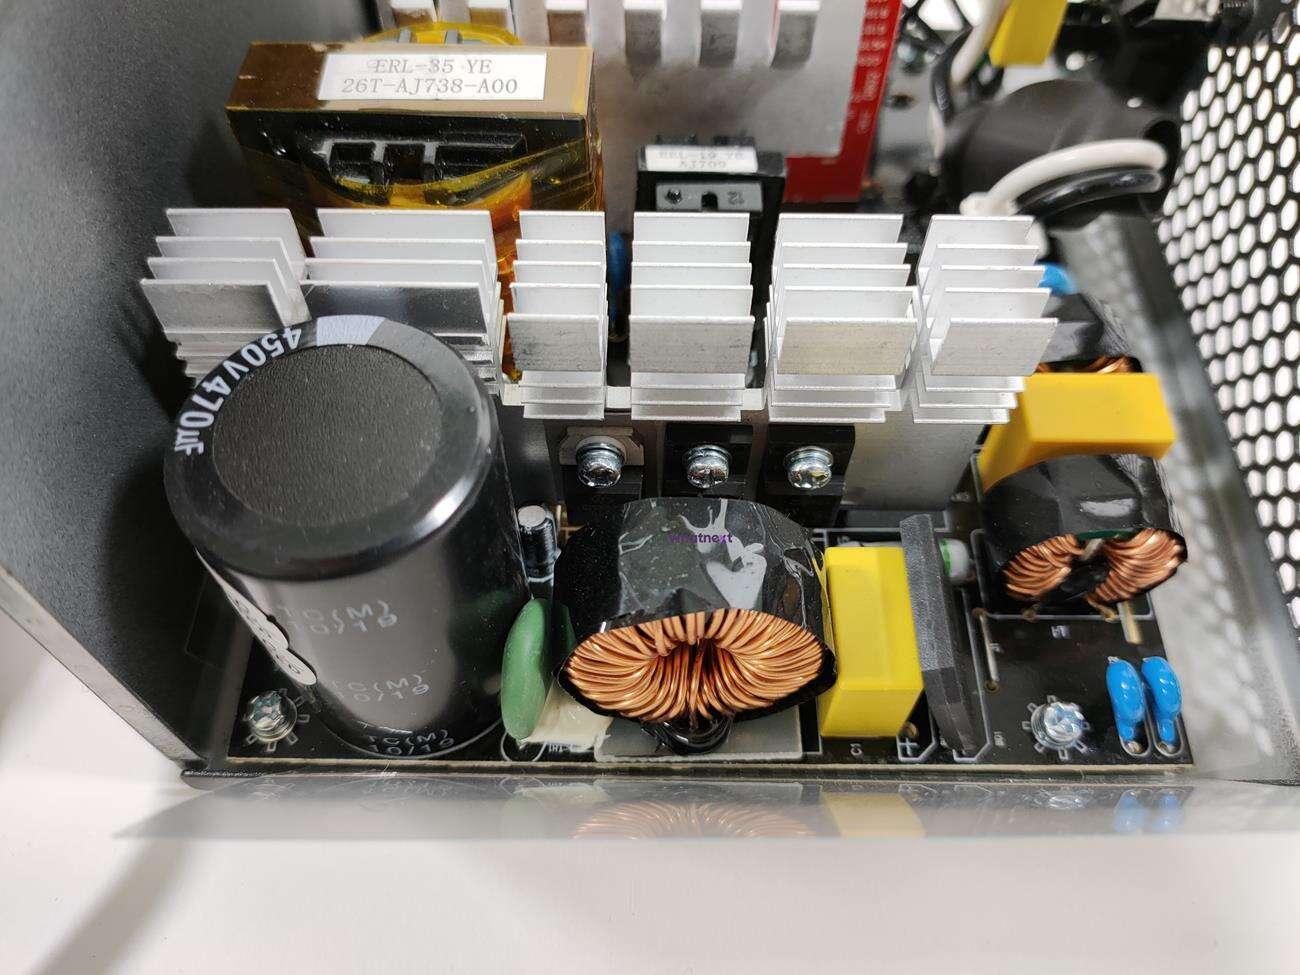 test SilentiumPC Vero L3 700W, recenzja SilentiumPC Vero L3 700W, review SilentiumPC Vero L3 700W, opinia SilentiumPC Vero L3 700W